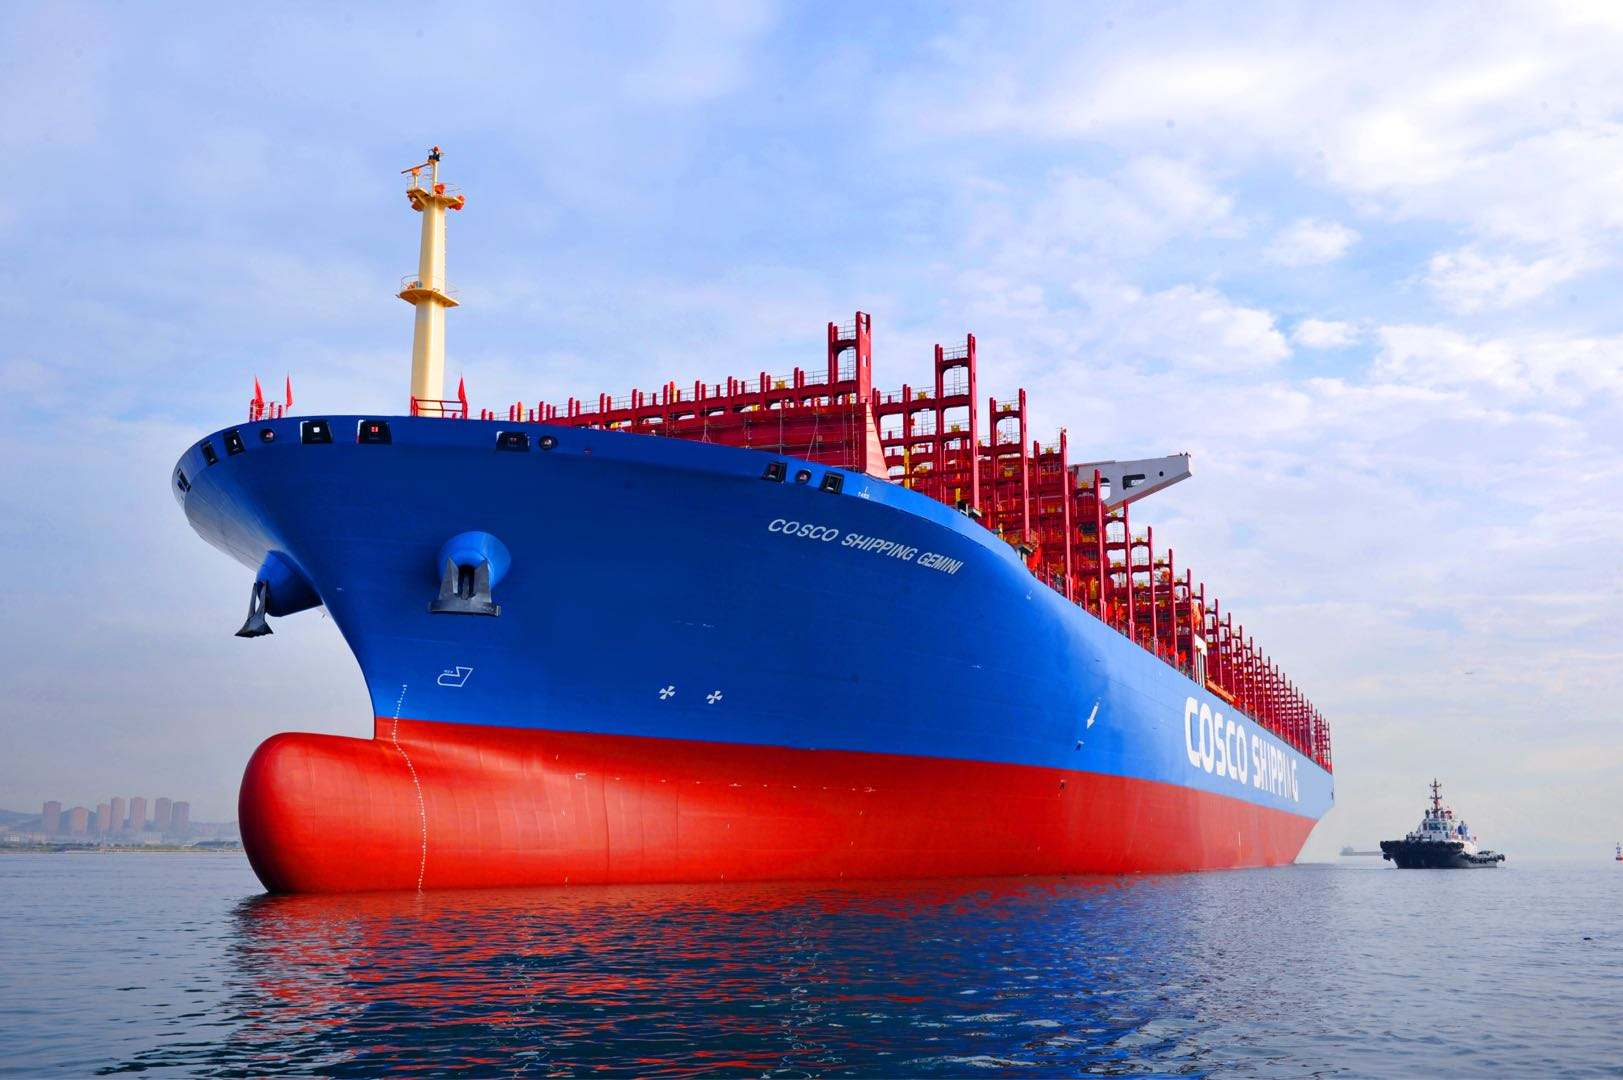 全球首艘1400箱双燃料集装箱船于广州交付